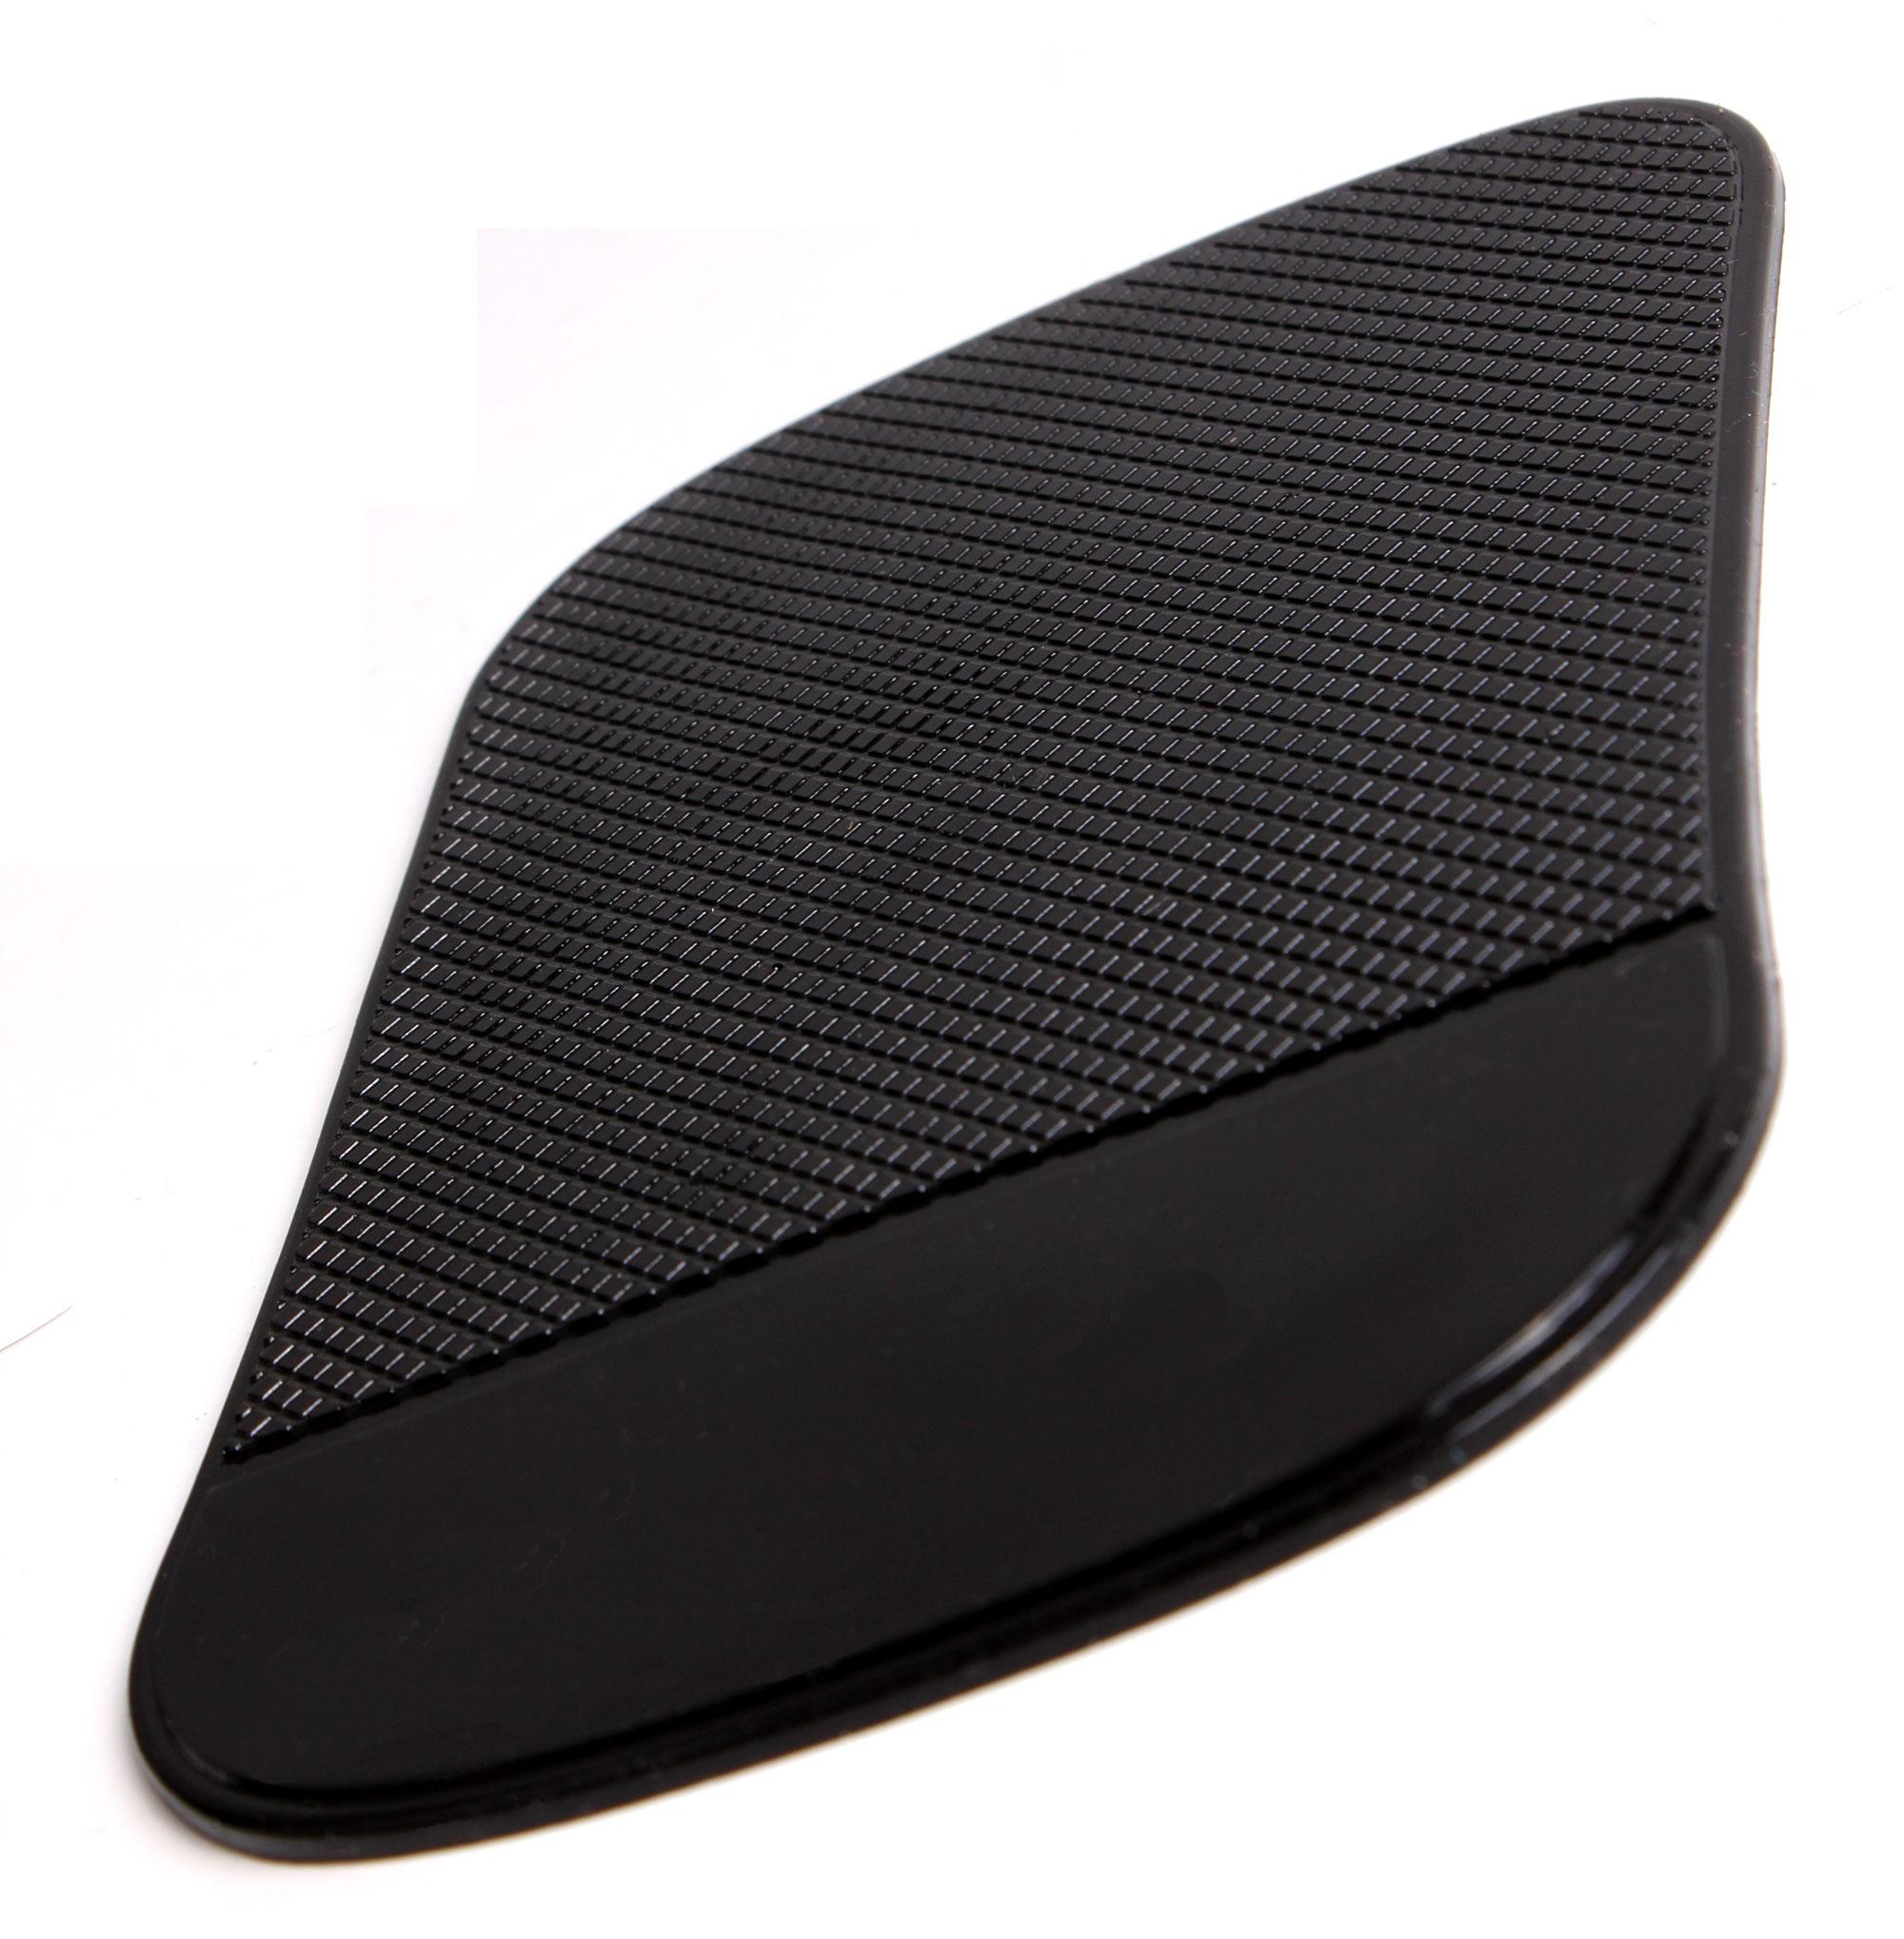 tapis antid rapant tableau de bord voiture pour lecteur mp3 mp4 cowon z2 plenue ebay. Black Bedroom Furniture Sets. Home Design Ideas